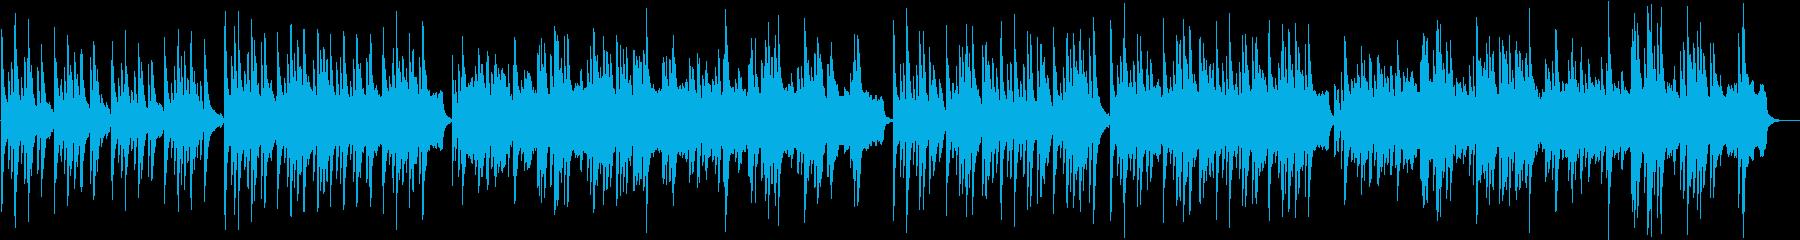 ゆっくりと落ち着いたピアノ オケ付きの再生済みの波形